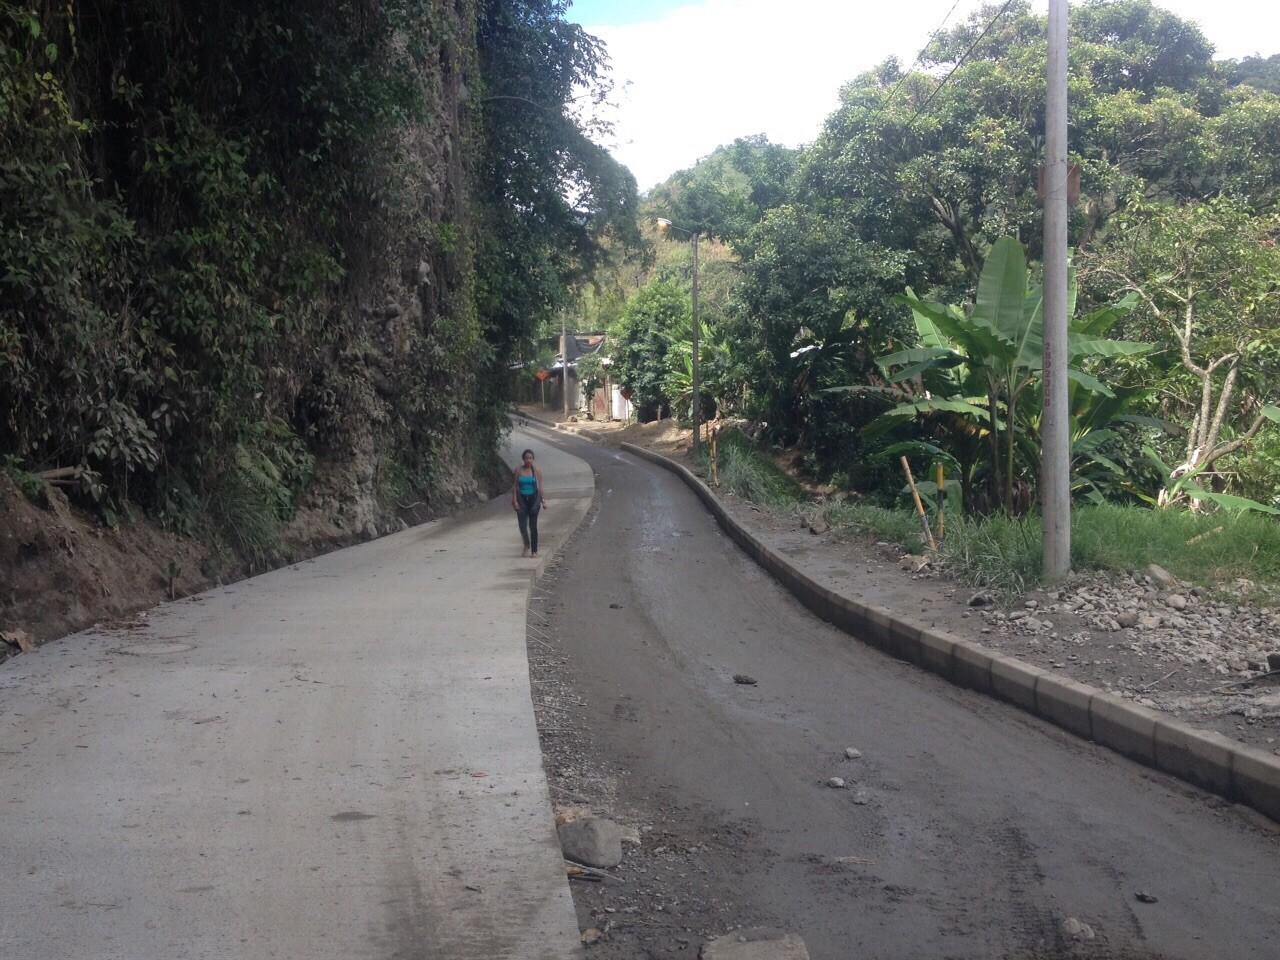 El viernes adjudican pavimentación de la vía La Vega-Juntas